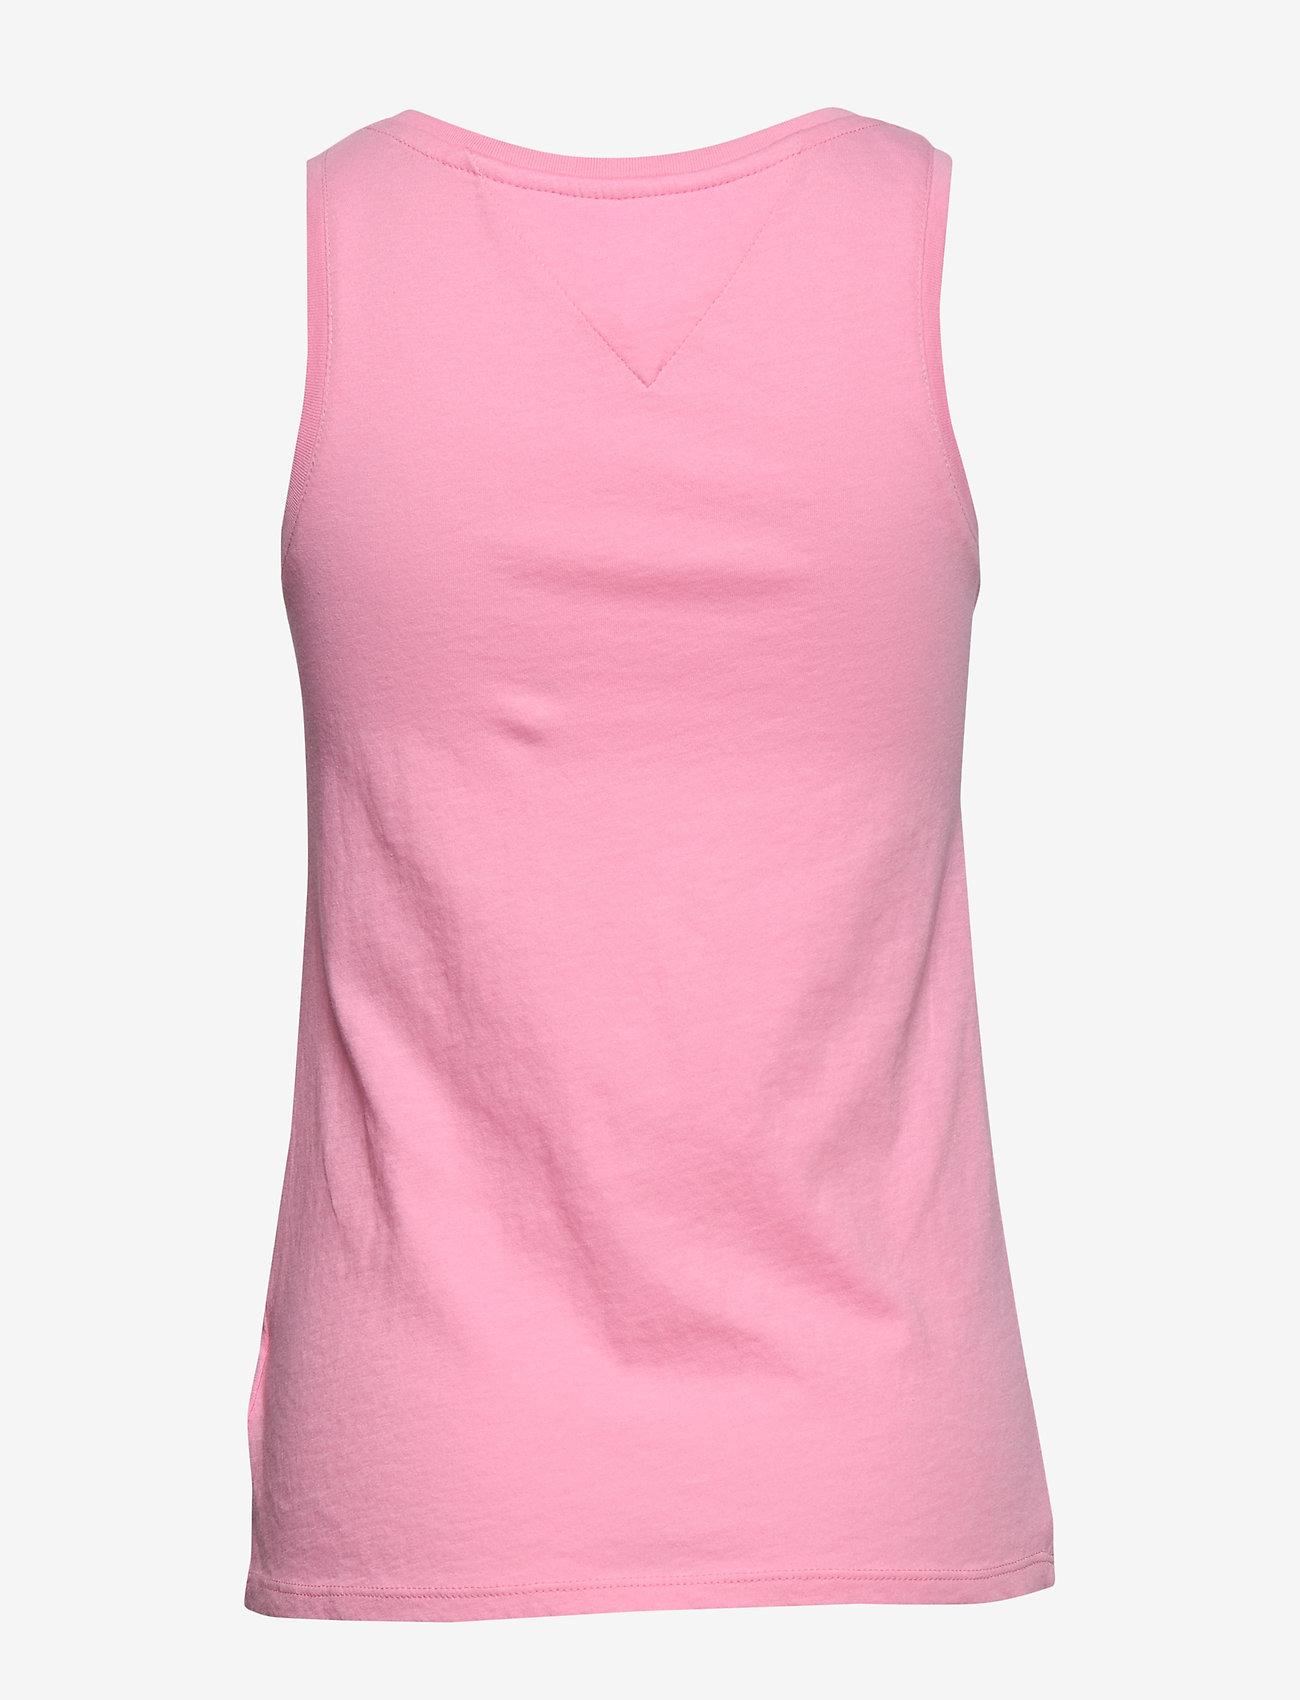 Tommy Jeans - TJW LOGO TANK - tops zonder mouwen - pink daisy - 1